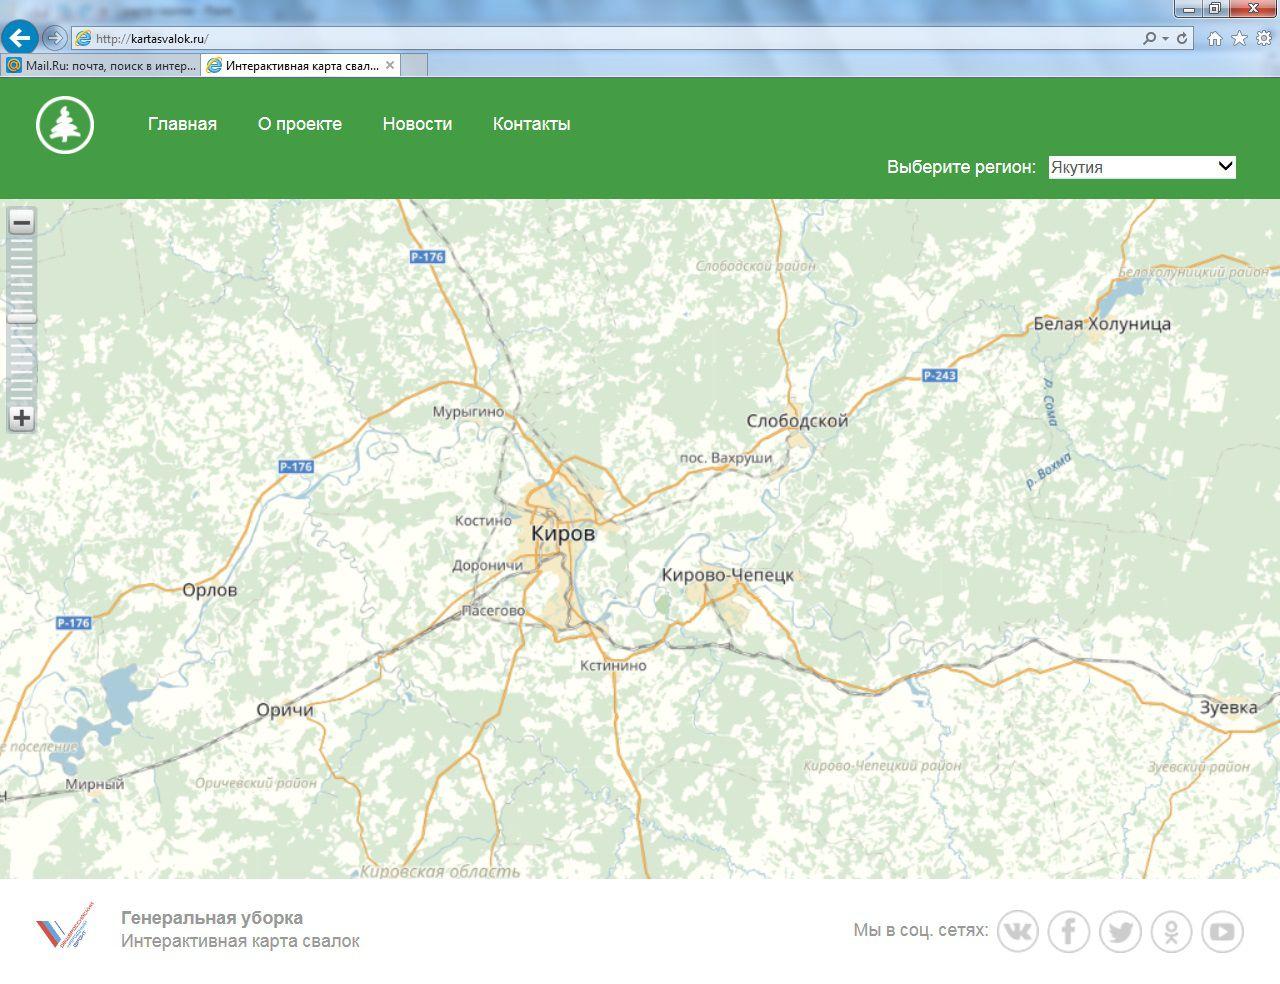 Граждане Карелии могут наполнять интерактивную карту свалок